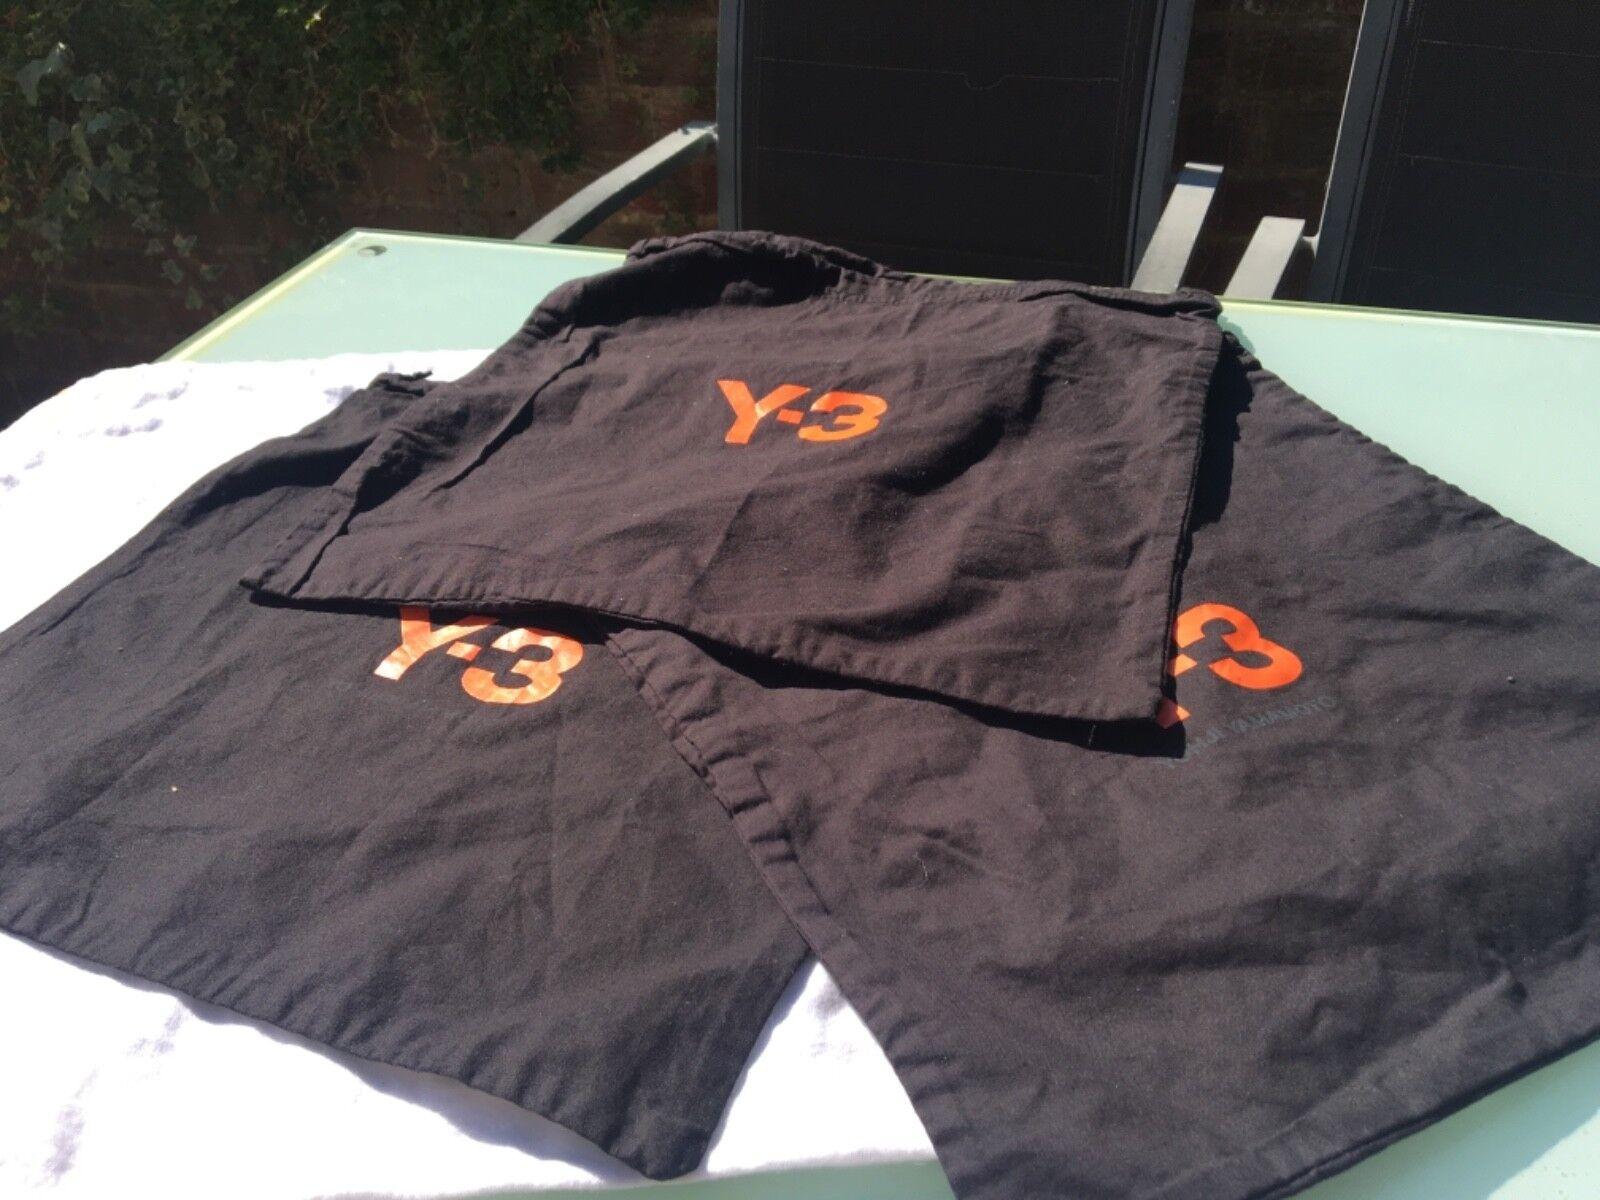 Schuhbeutel Taschen y3 adidas Turnschuhe Stiefel Trainer 9 10 11 8 42 44 neues Fitness-Kit